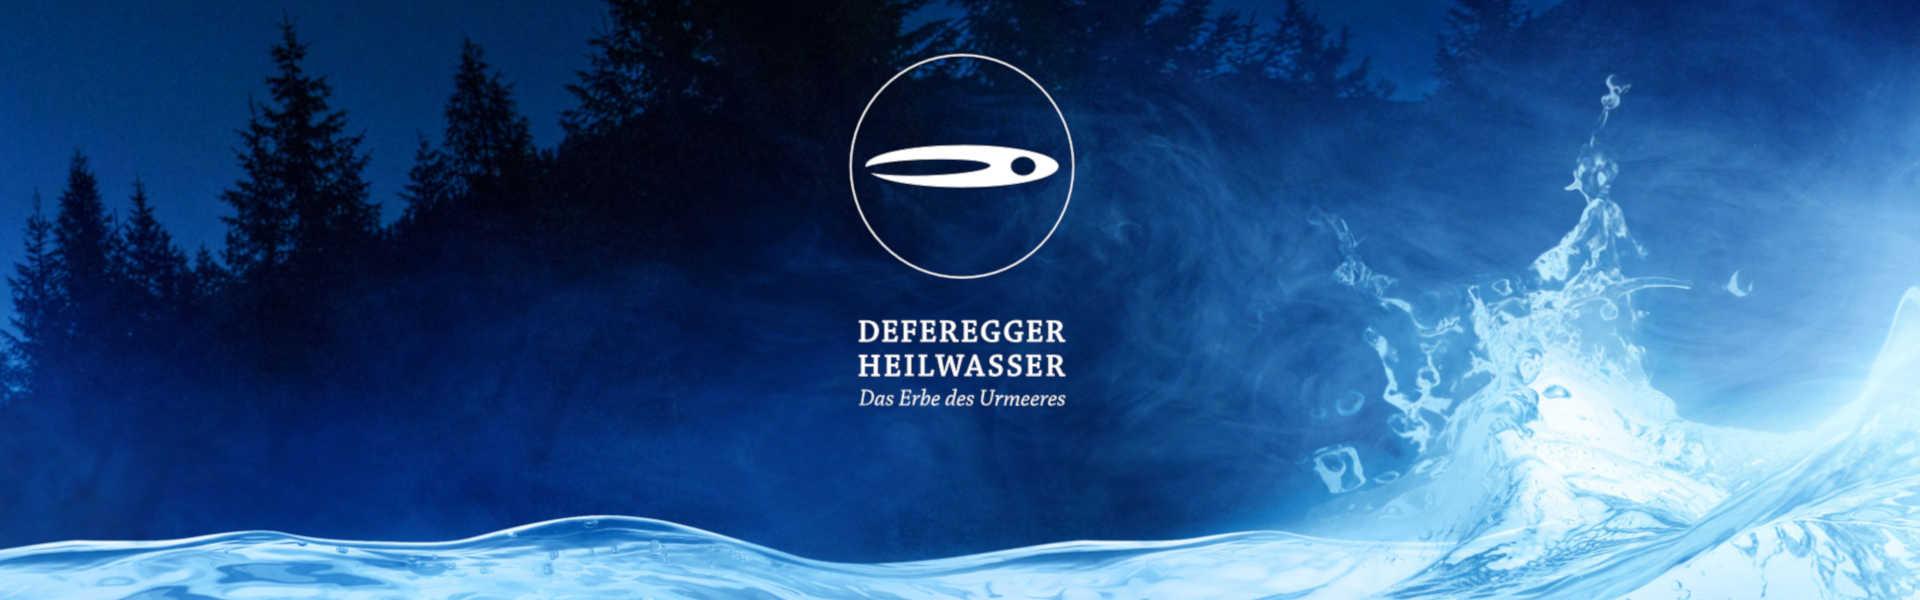 Deferegger Heilwasser Headerbild